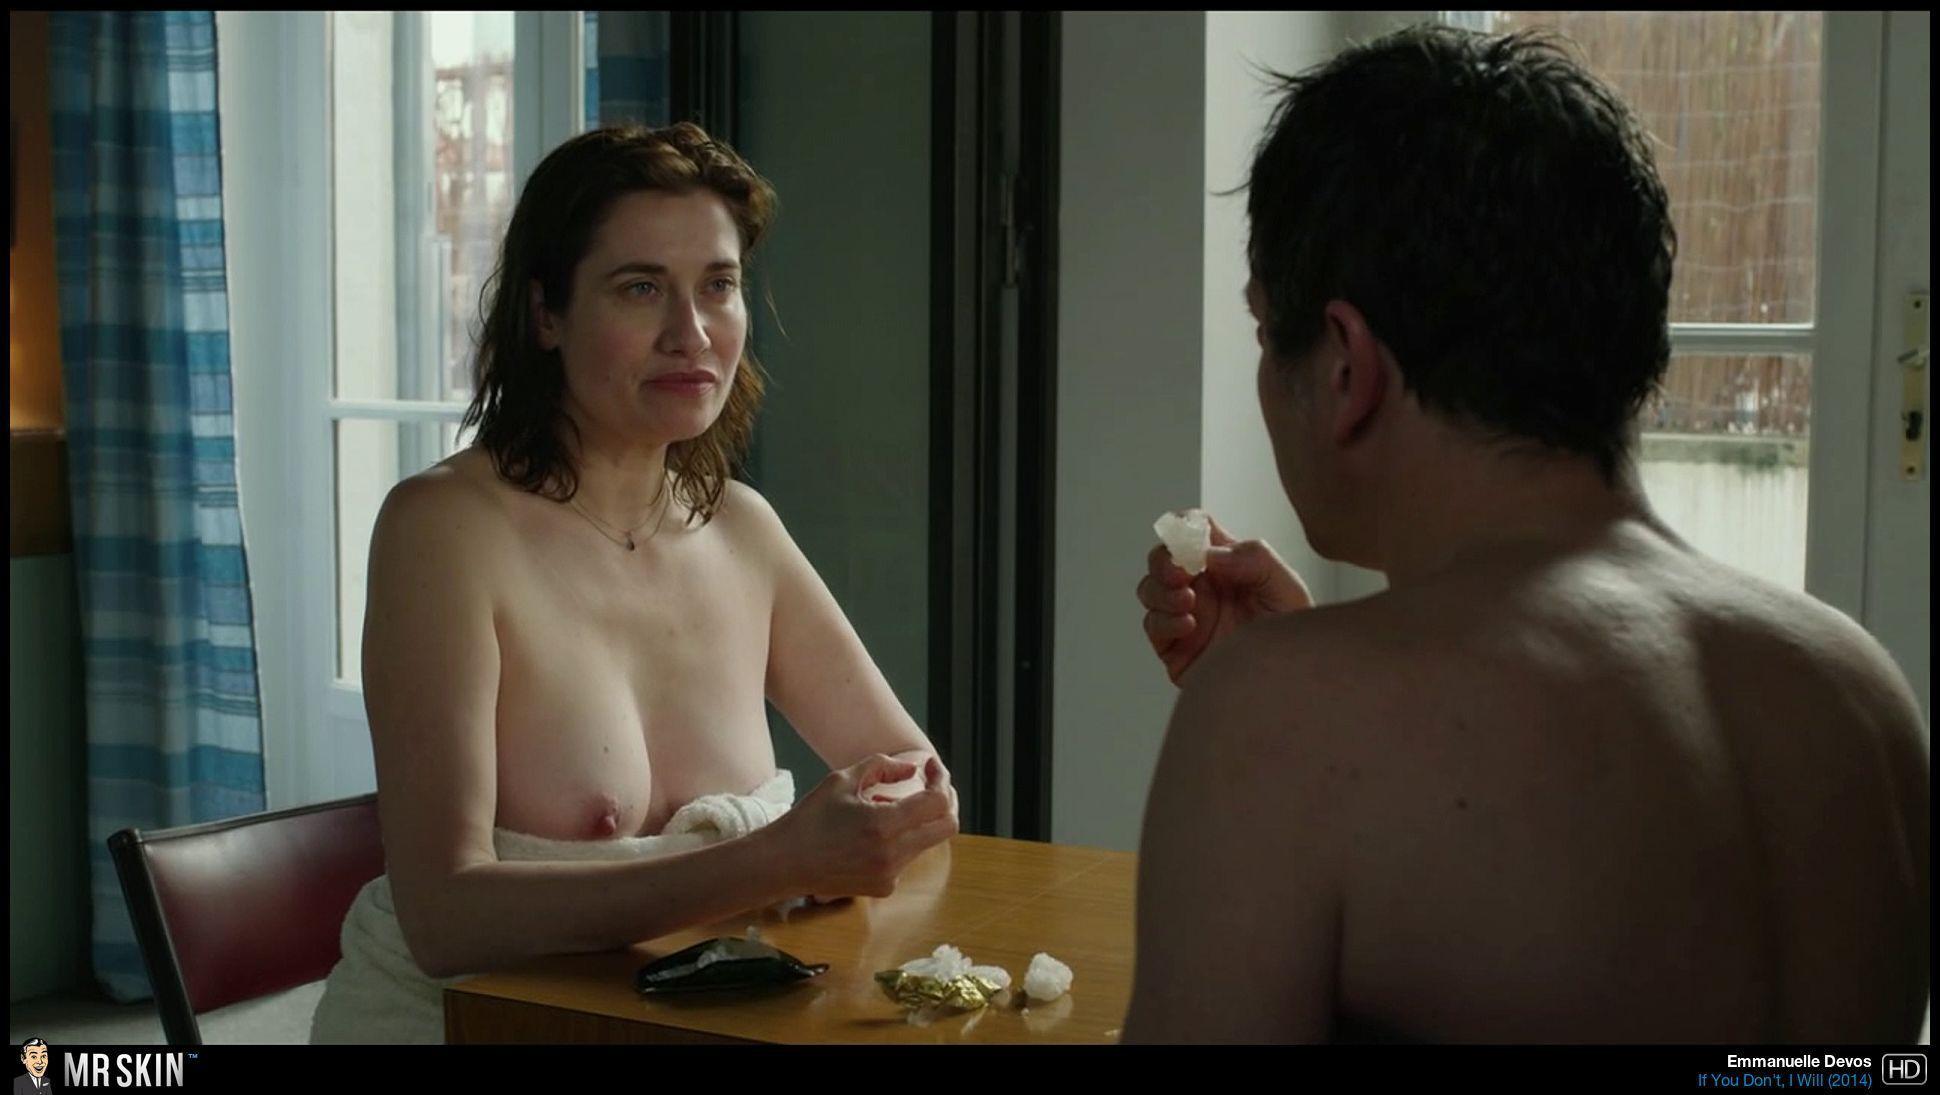 gigi in the nude